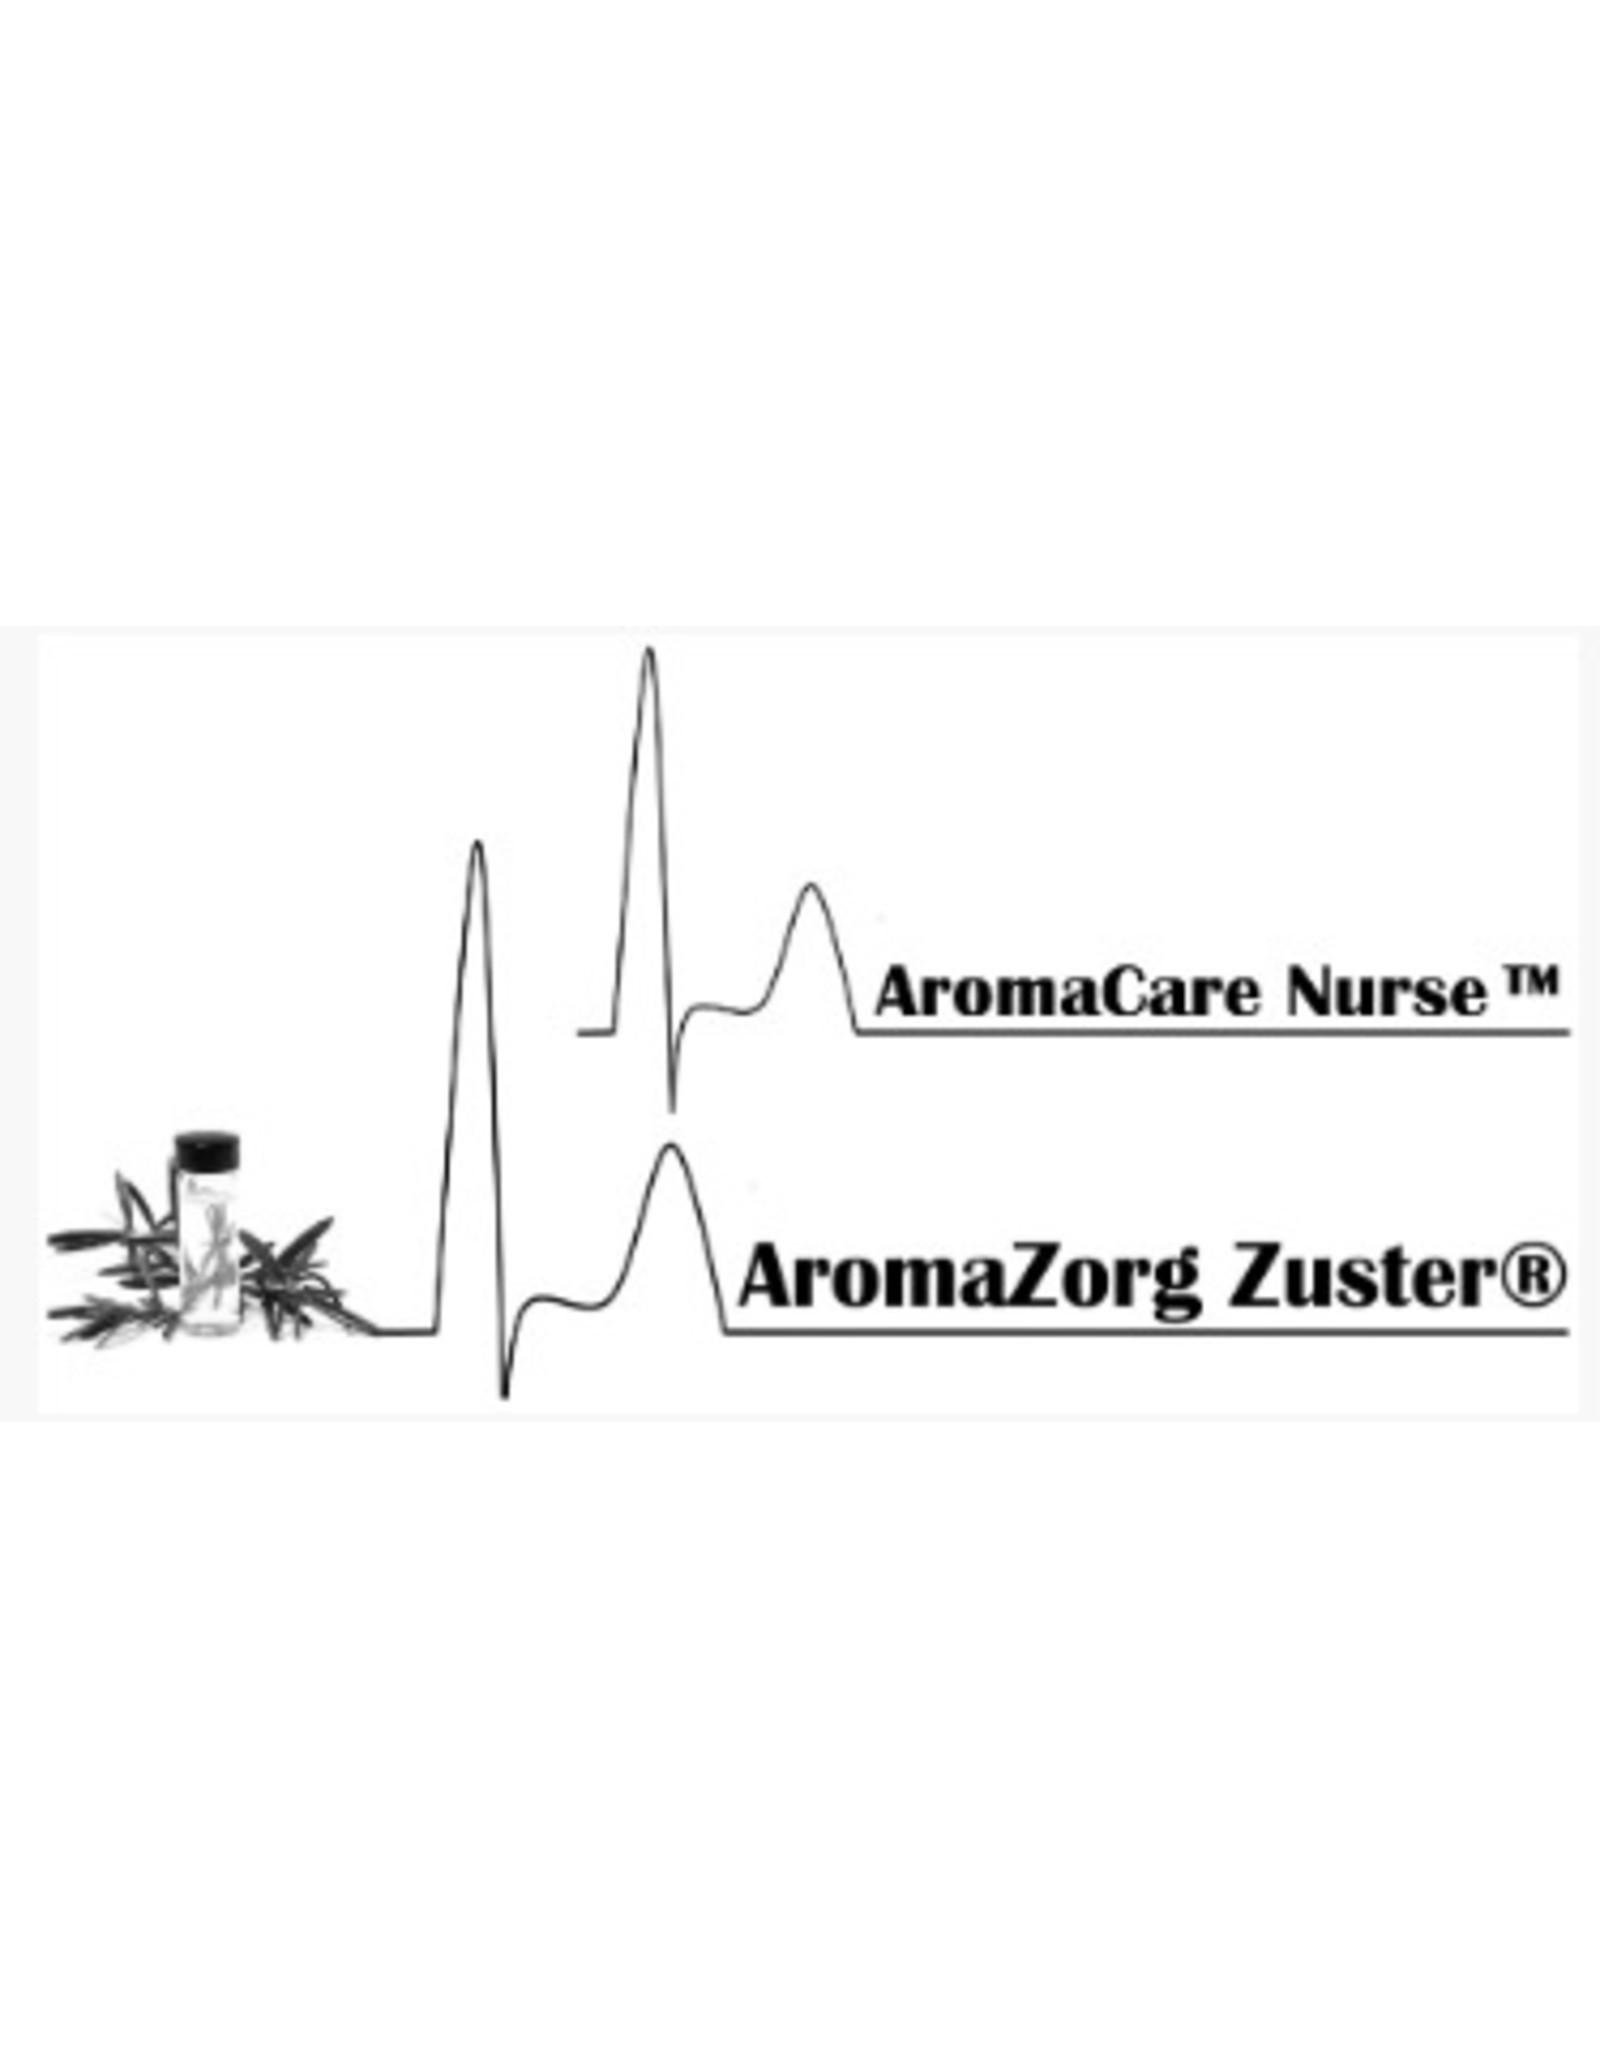 AromaZorg zuster Vrij ademen etherische olie inhaler